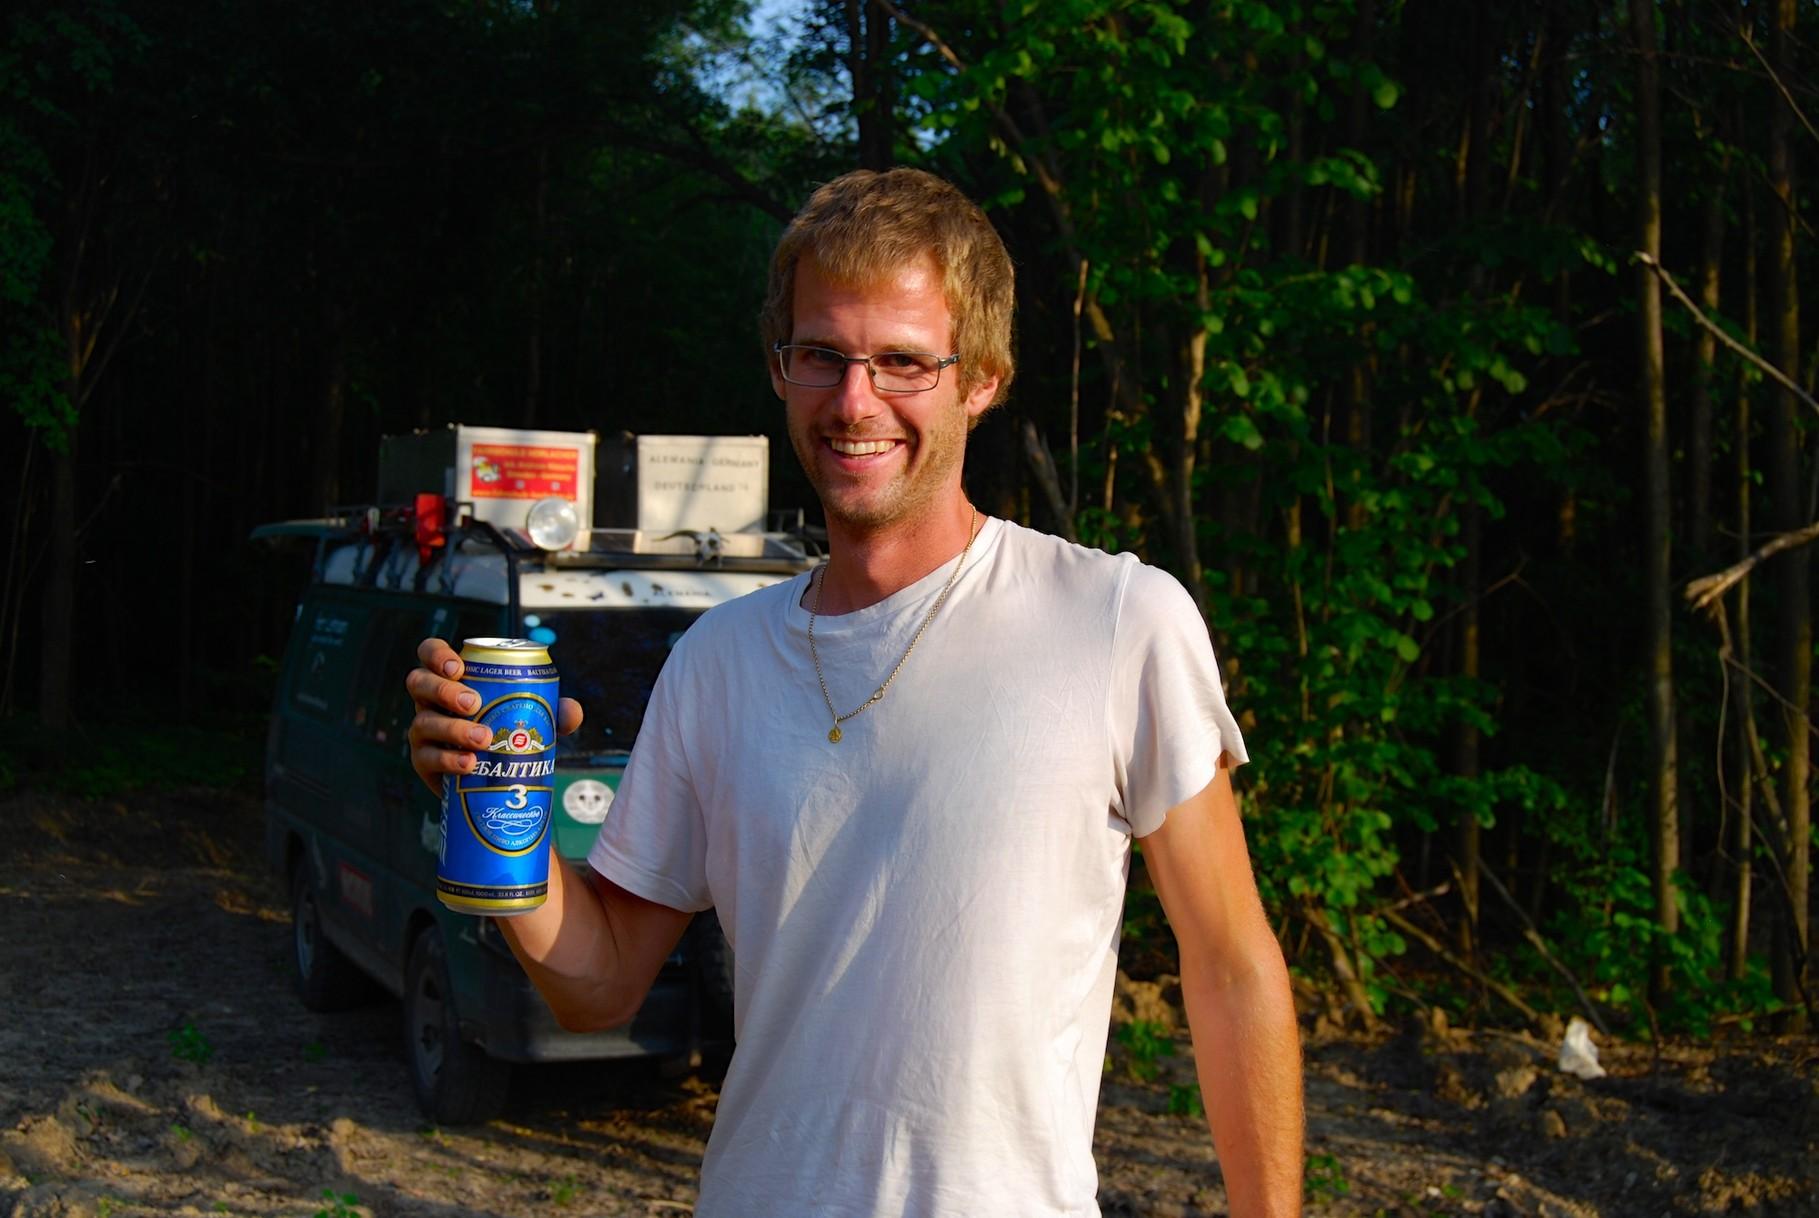 David darf heute nur eine Dose Bier trinken. Er hat sich für diese (1L) entschieden